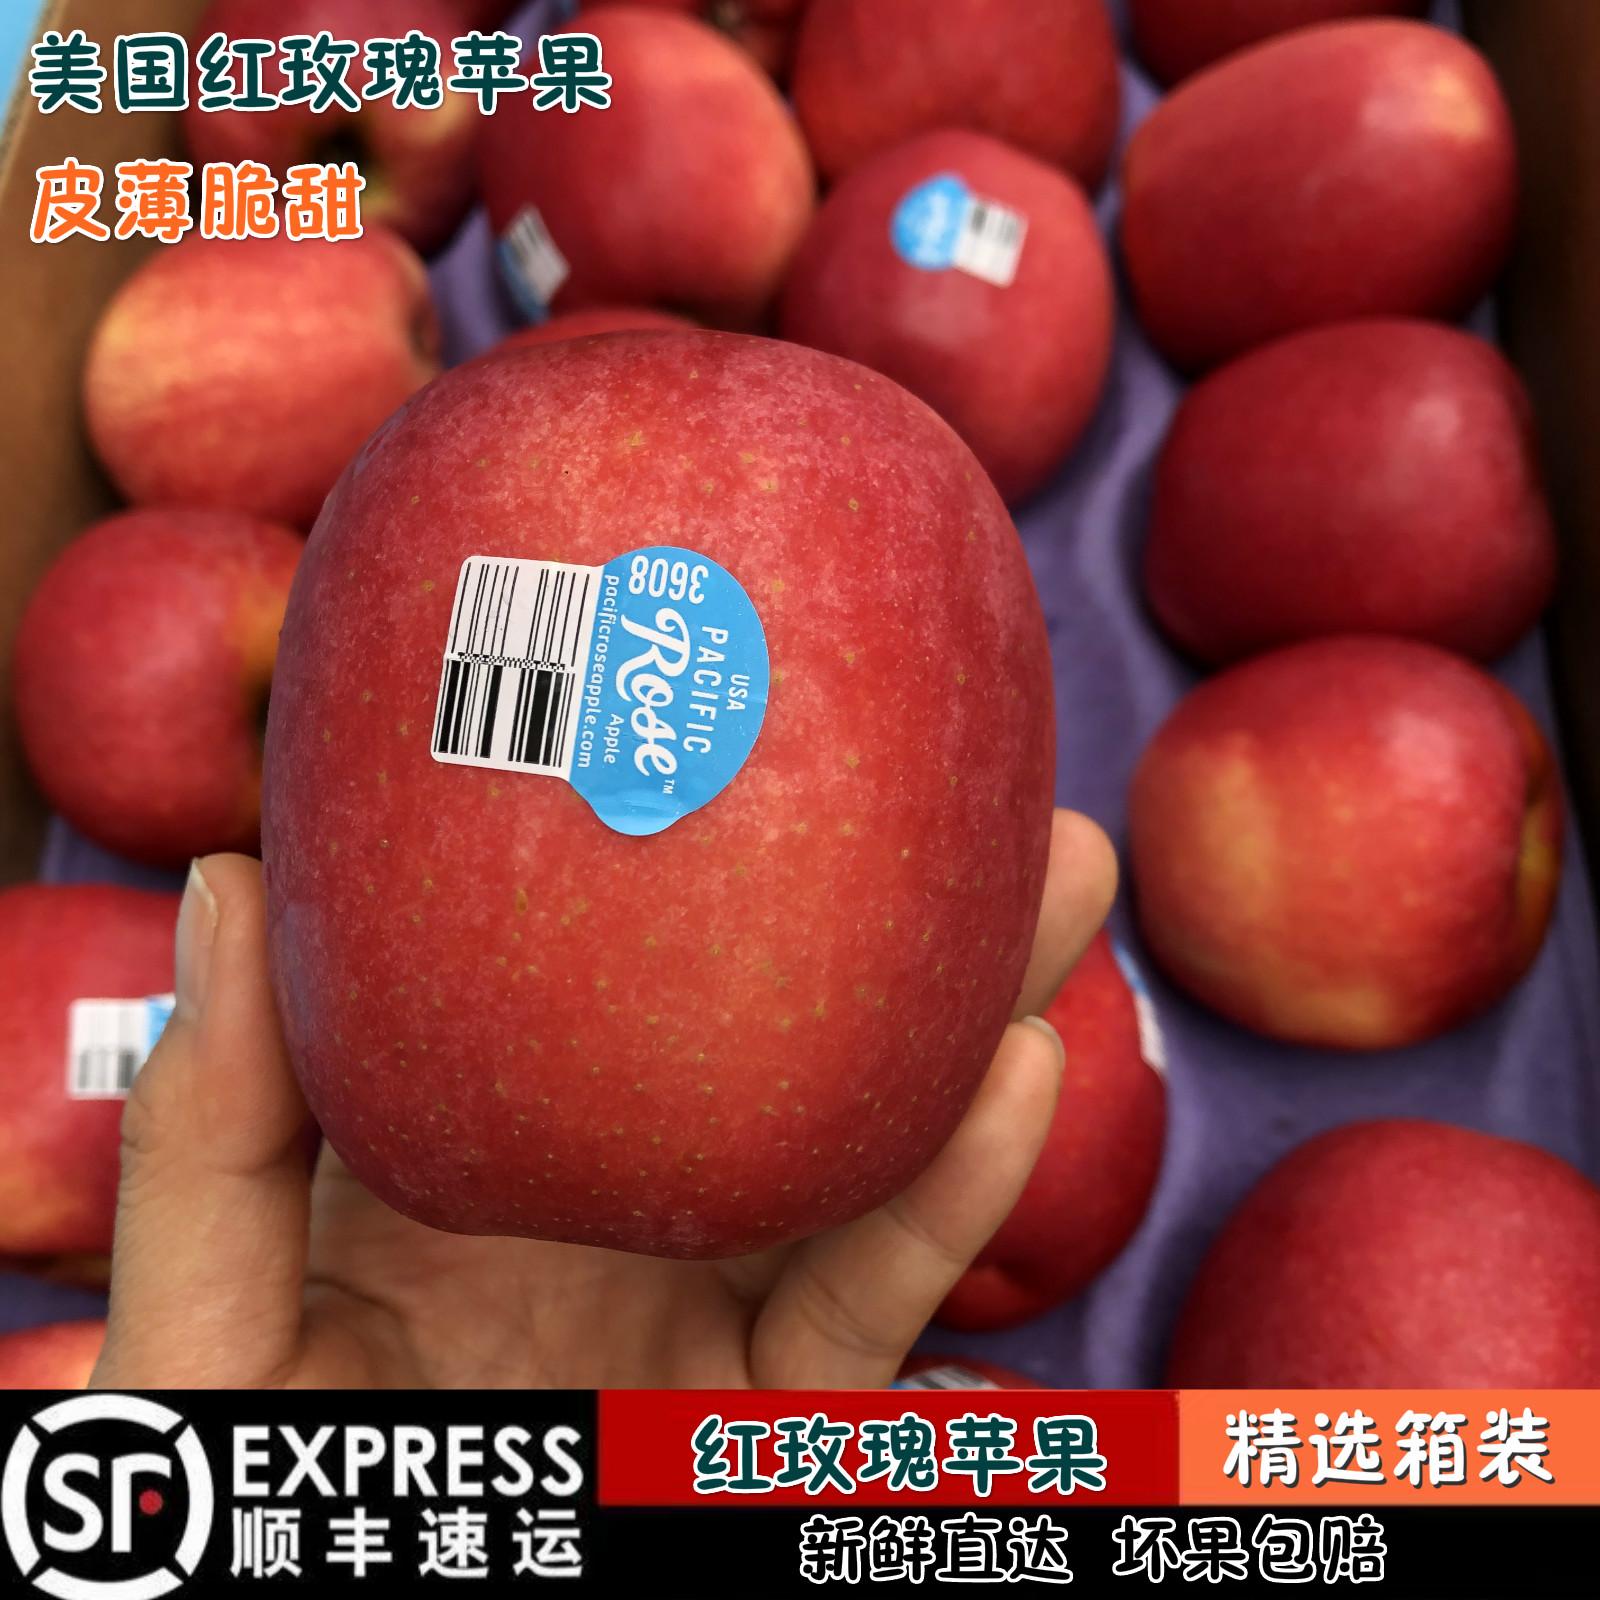 美国进口红玫瑰苹果 新鲜水果皮薄脆甜16-18颗装顺丰深圳发货